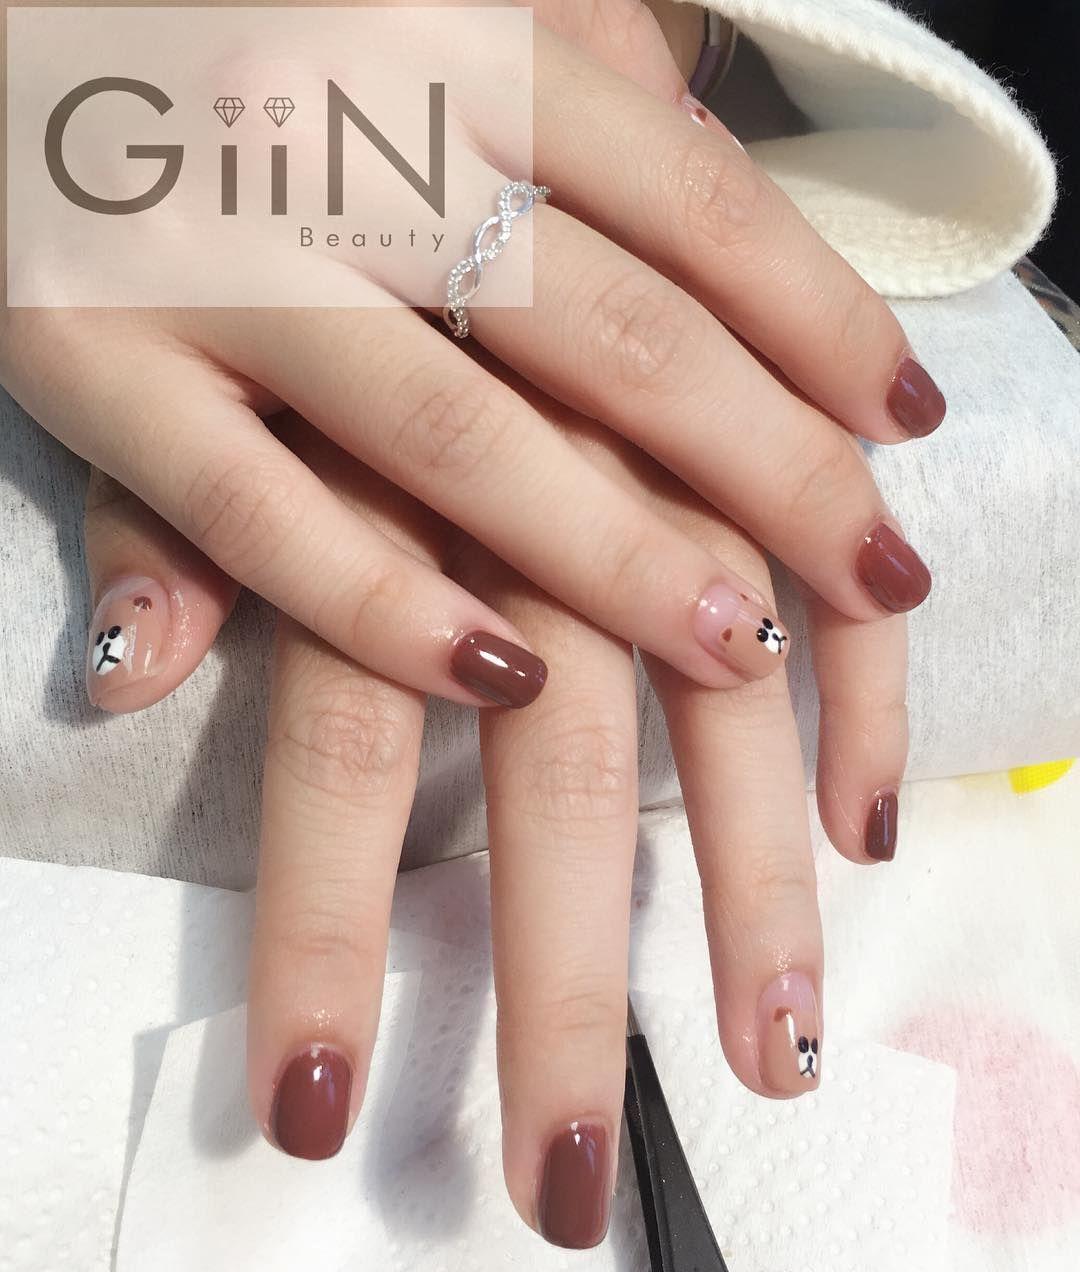 #nailart #nails #art #chocolate #linecafe #line #bear #linebear #asian #natural #shellac #gelnails #gelish #polish #nailpolish